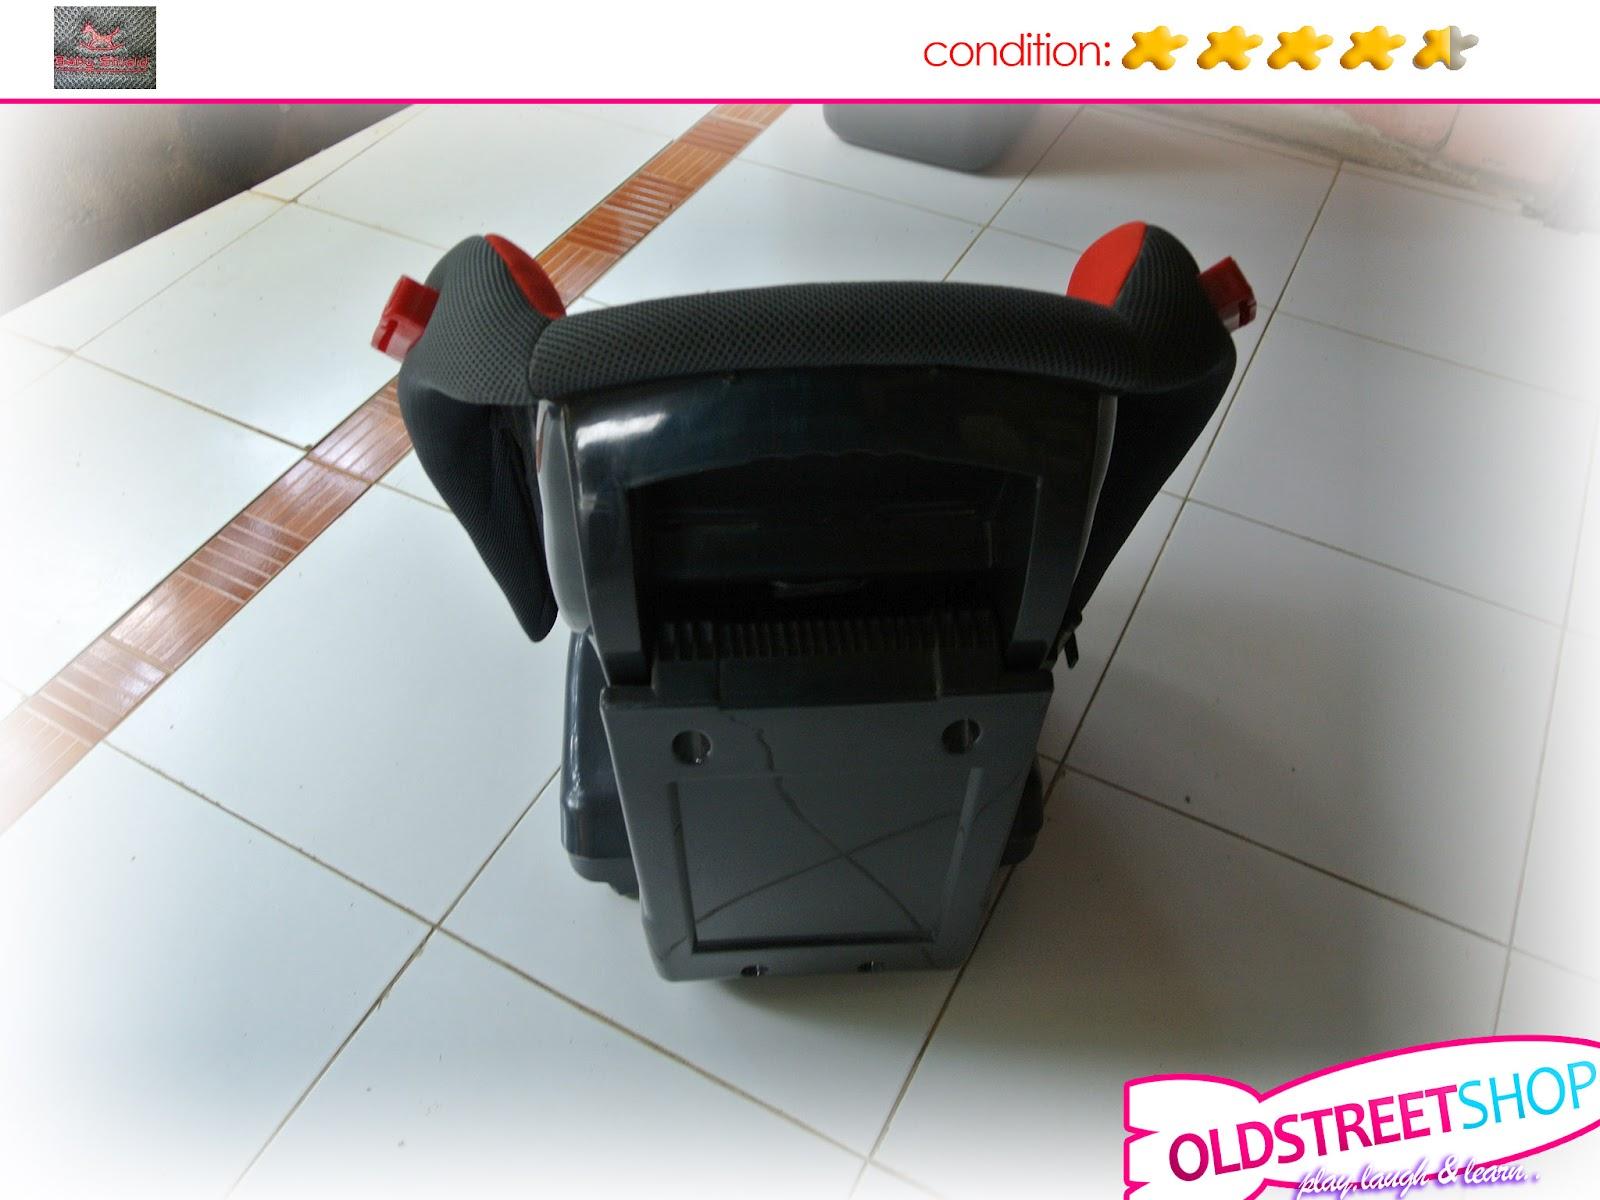 oldstreetshop baby shield car seat. Black Bedroom Furniture Sets. Home Design Ideas